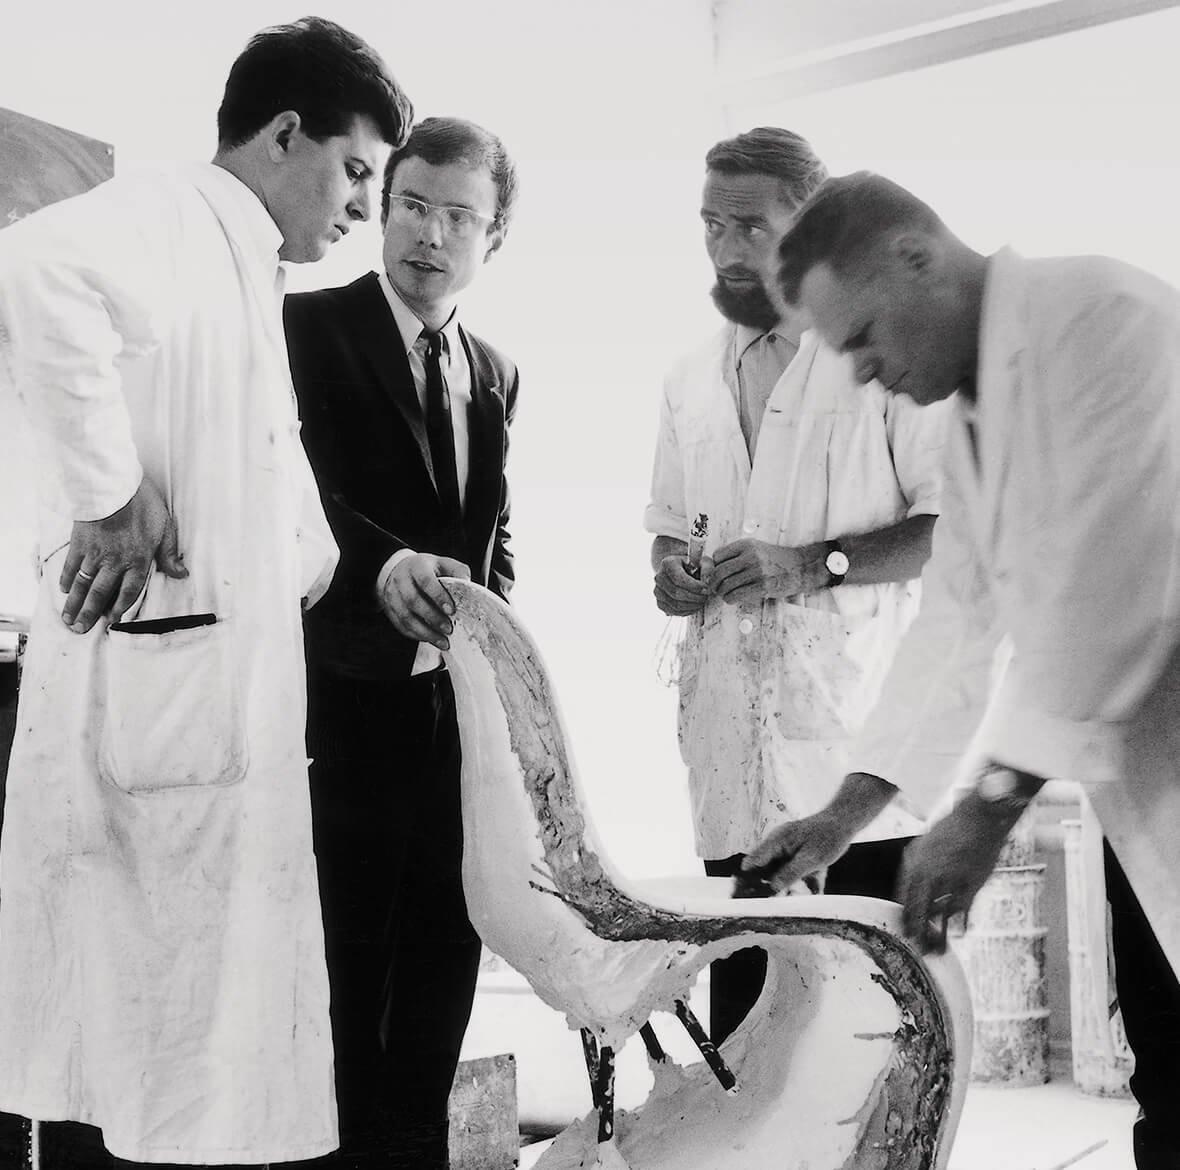 © Manfred Diebold, Rolf Fehlbaum, Verner Panton and Josef Stürmlinger S. 216 (Project Vitra)